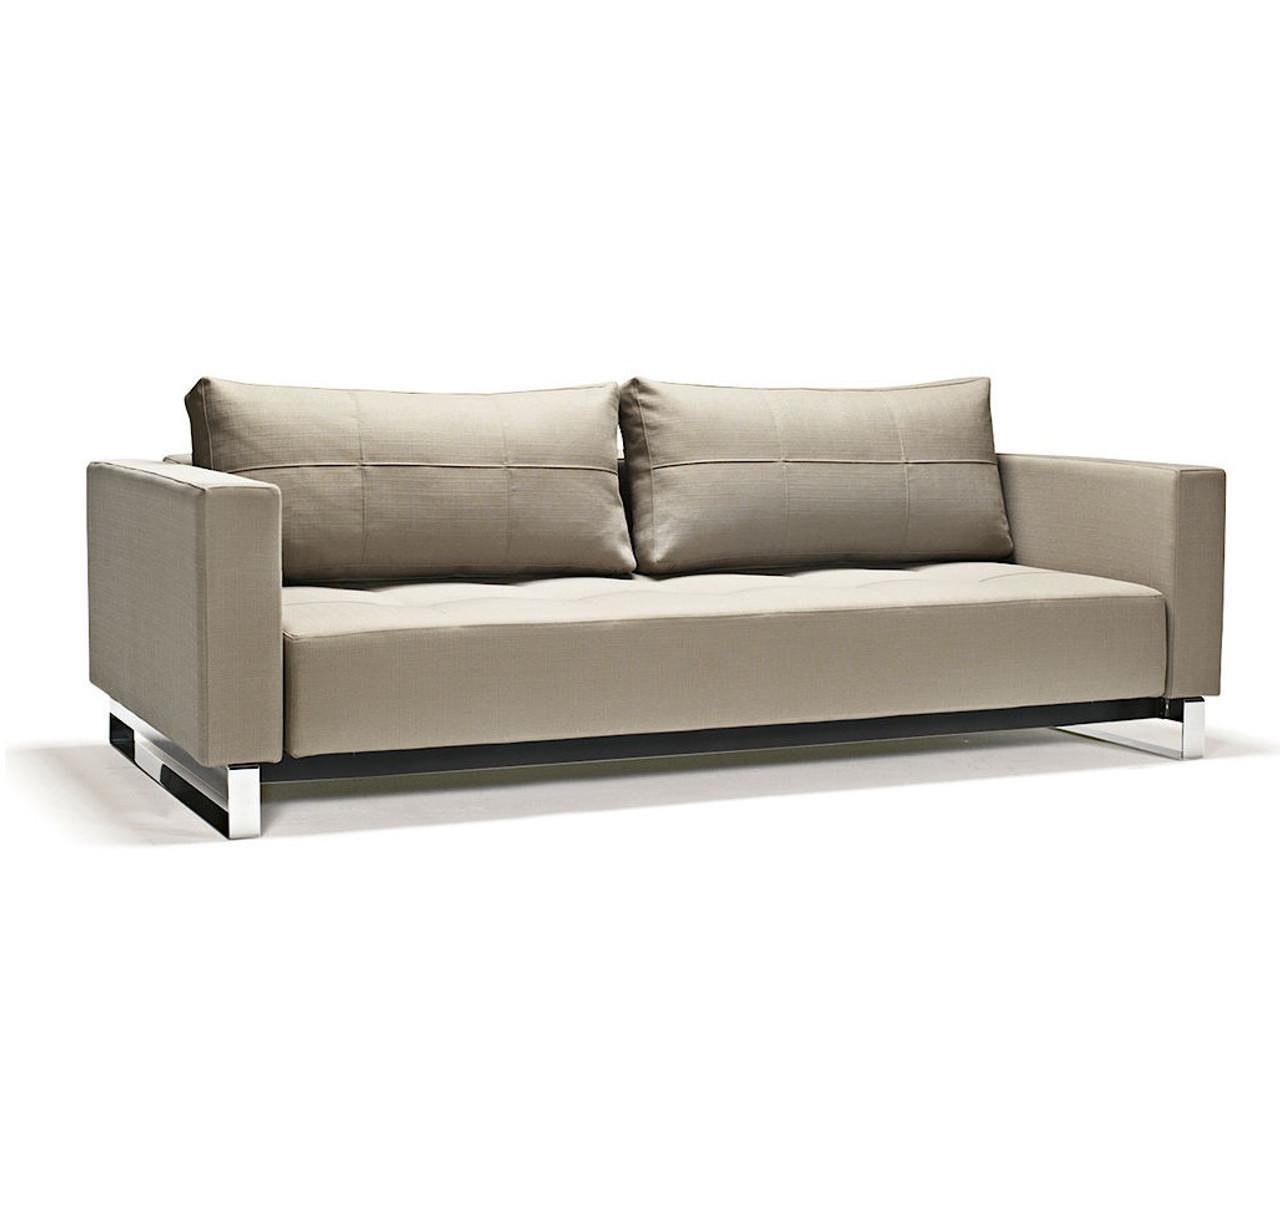 Cassius Deluxe Excess Lounger Sleeper Sofa Bed-Queen